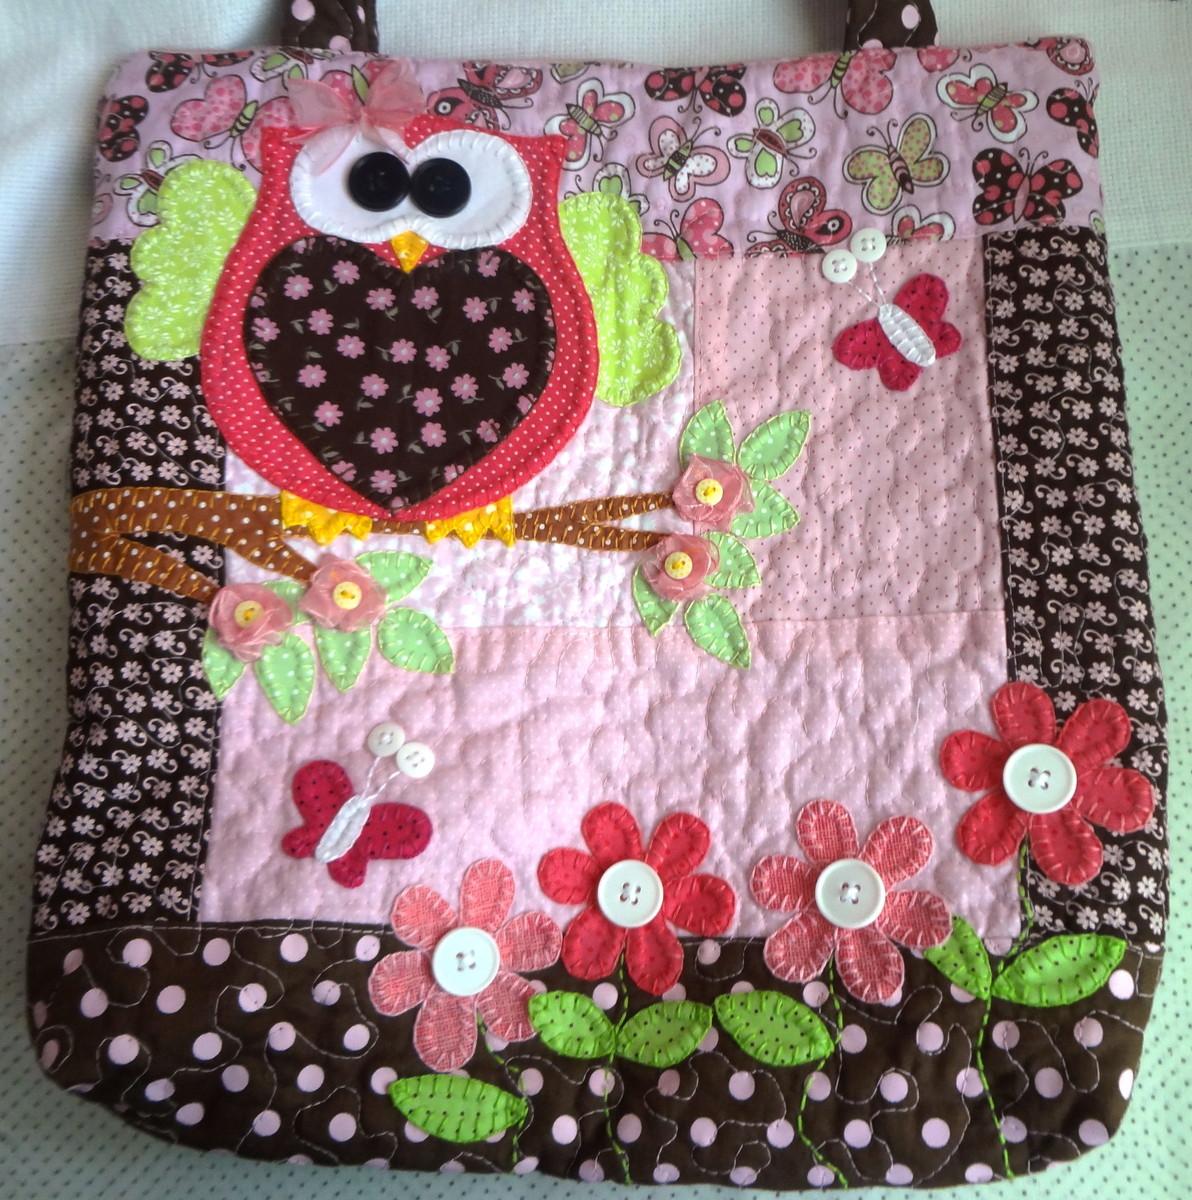 Bolsa De Tecido Decorada Com Coruja : Bolsa coruja marrom com rosa pat faz art s elo